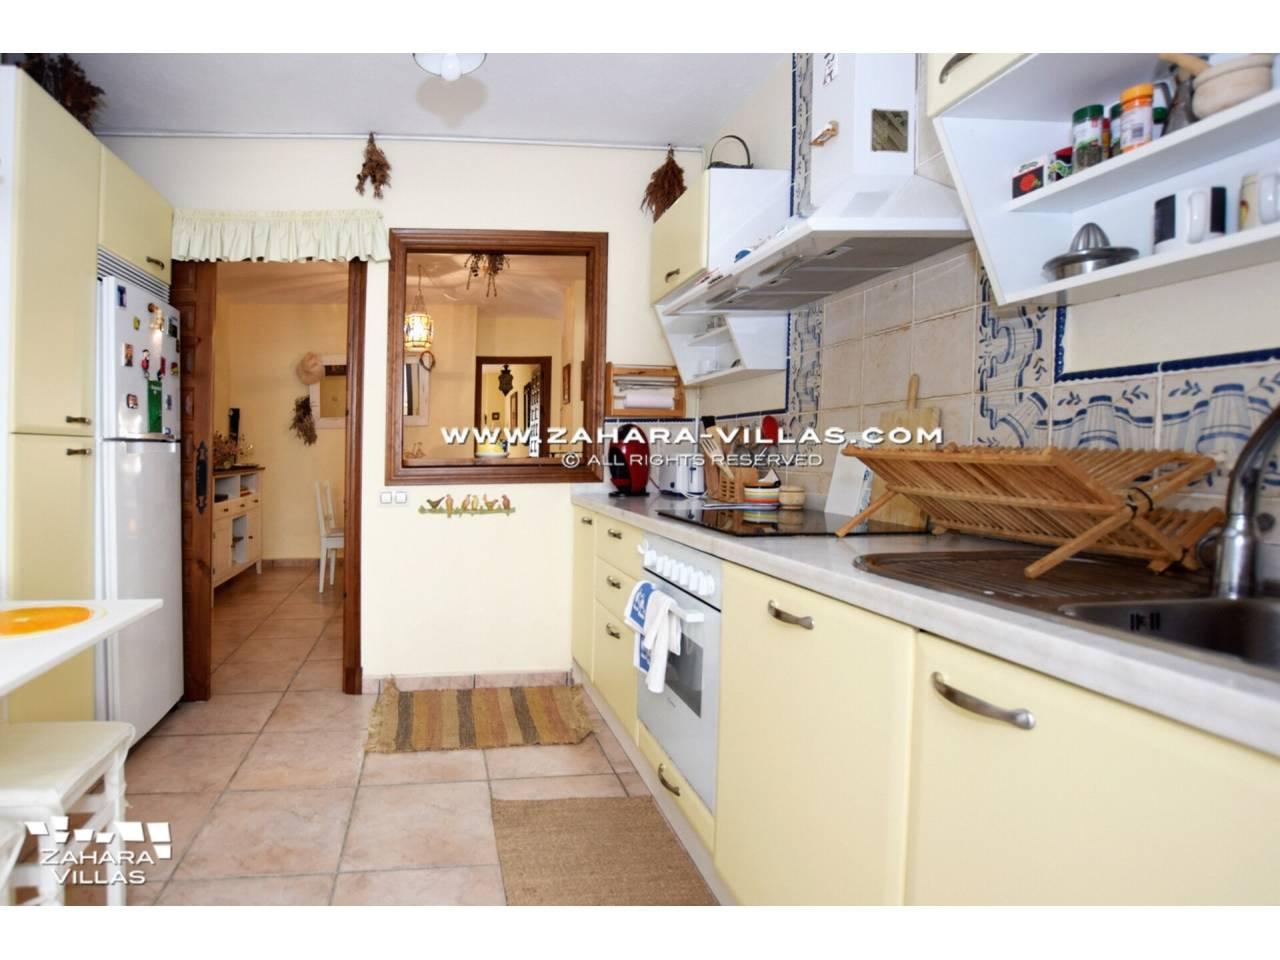 Imagen 26 de Coqueto apartamento en venta en urbanización Jardines de Zahara - Atlanterra